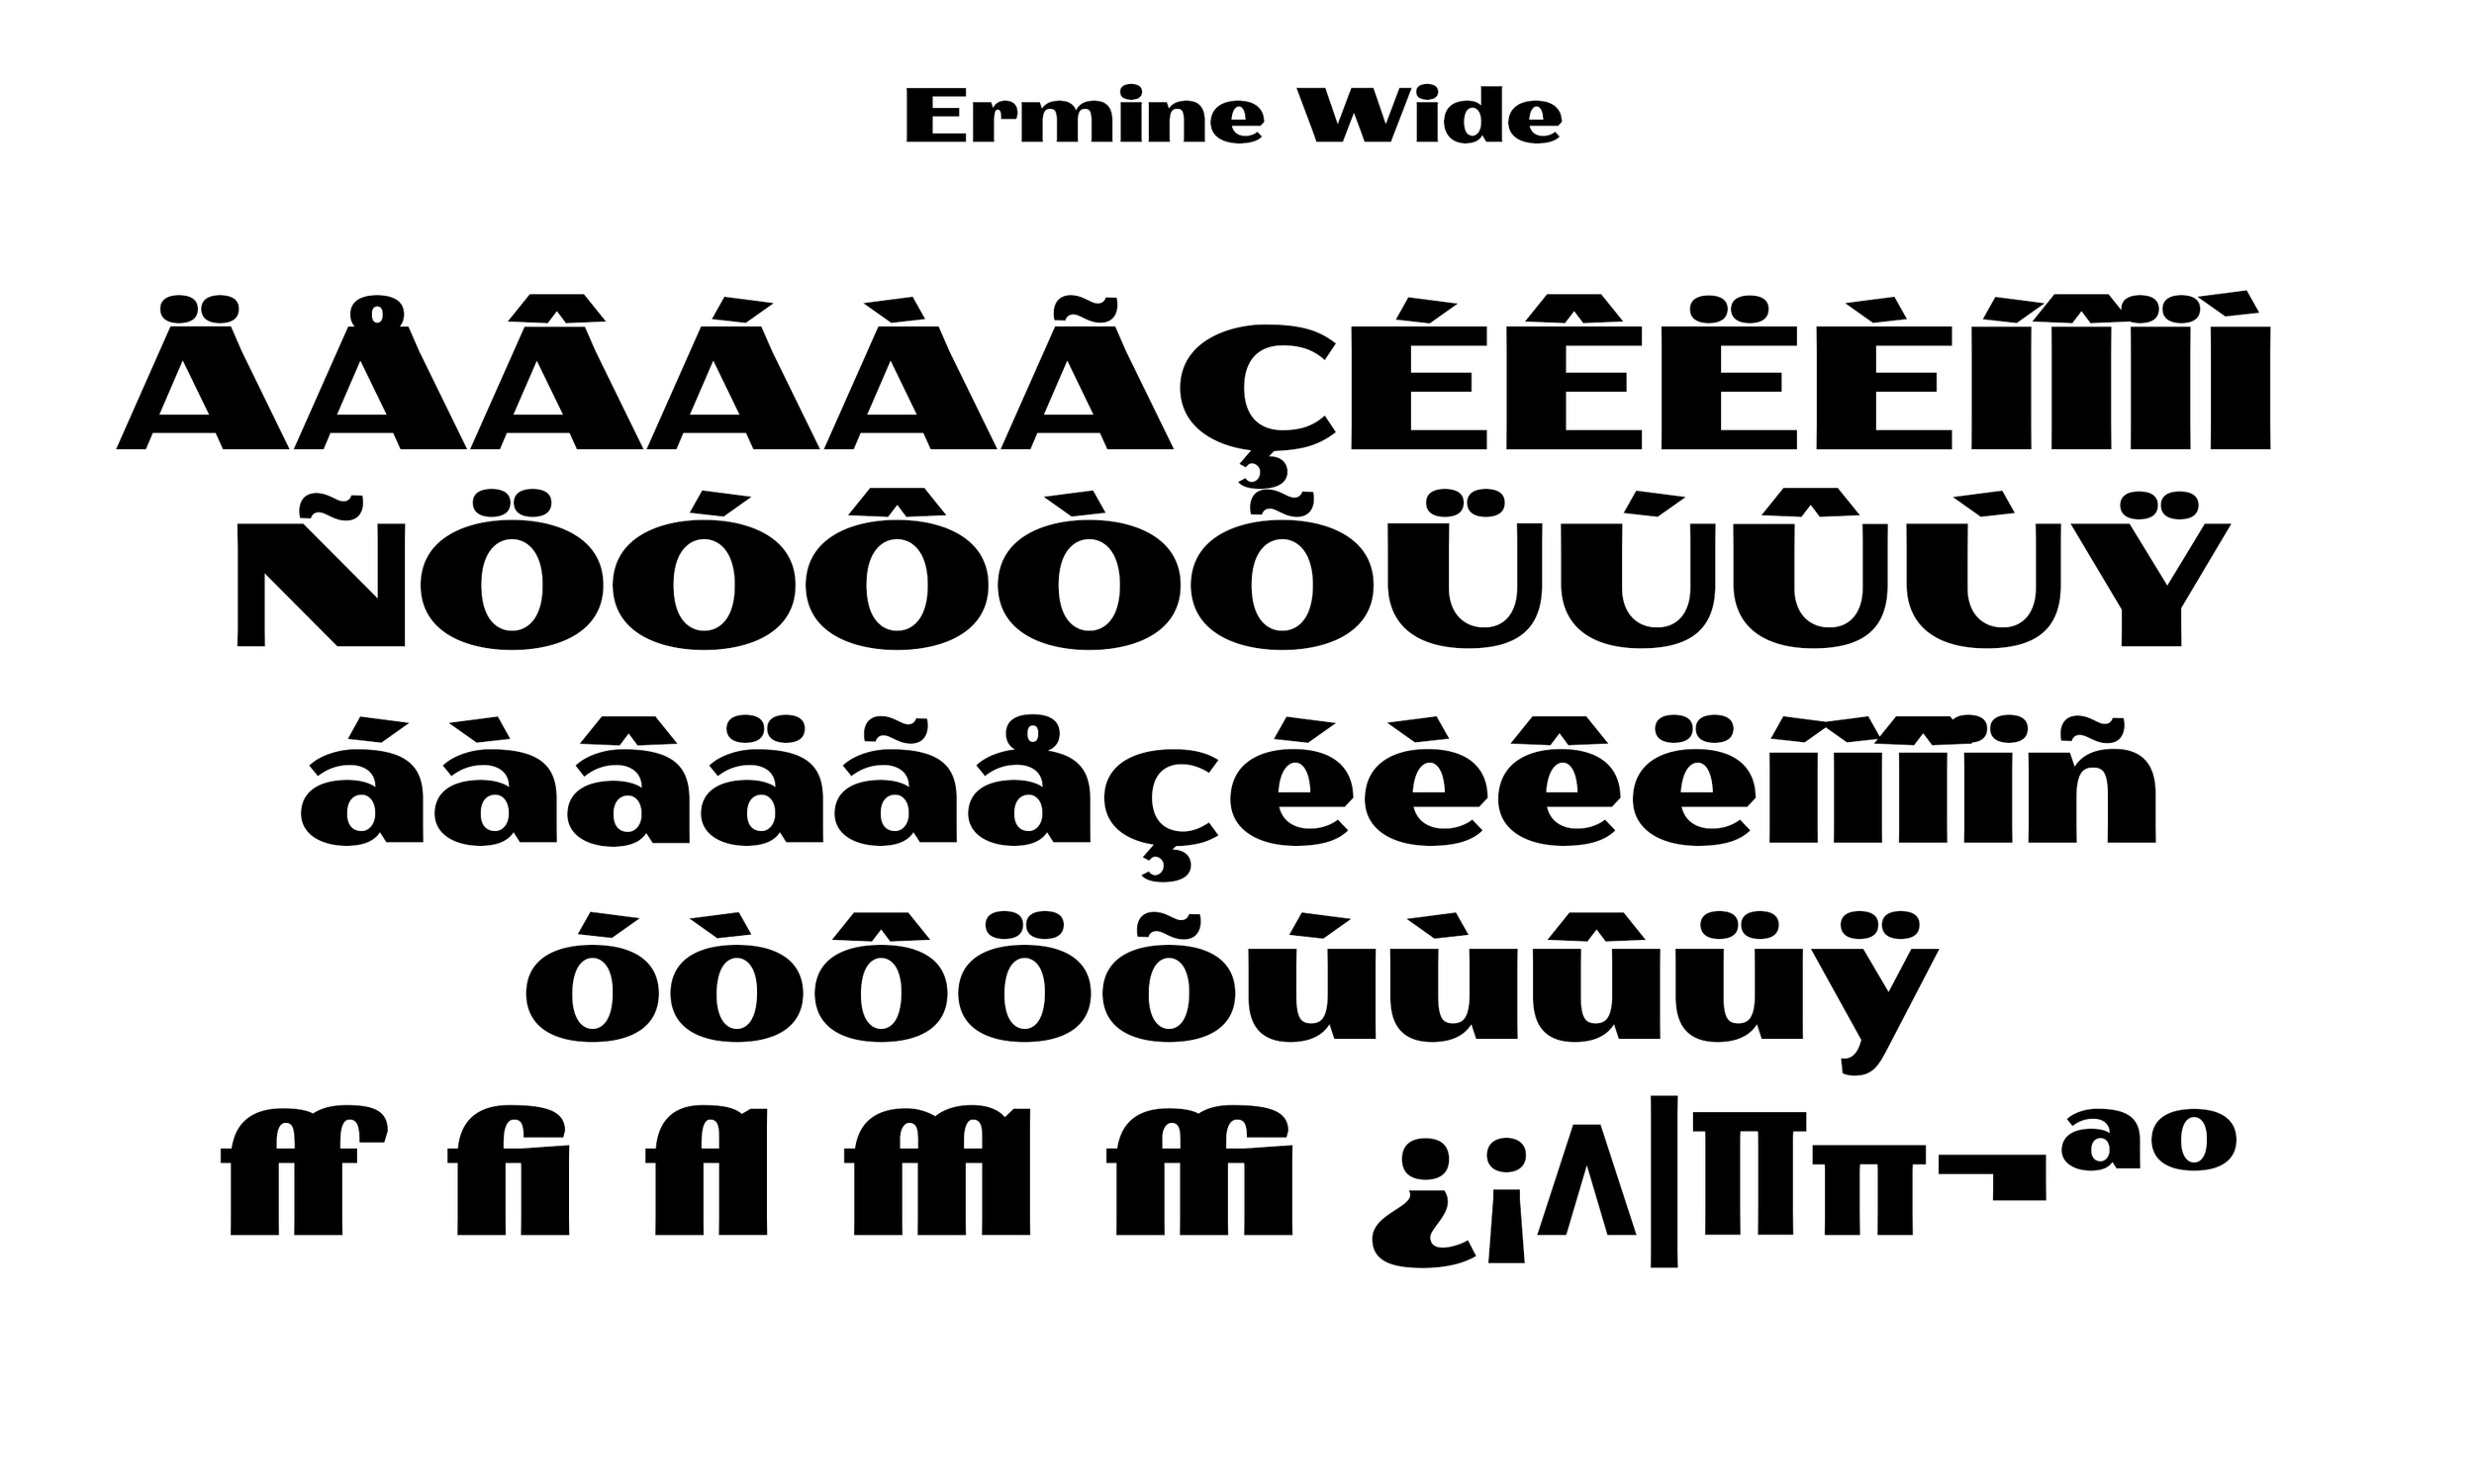 Badson_ErmineWide_Slides6.jpg